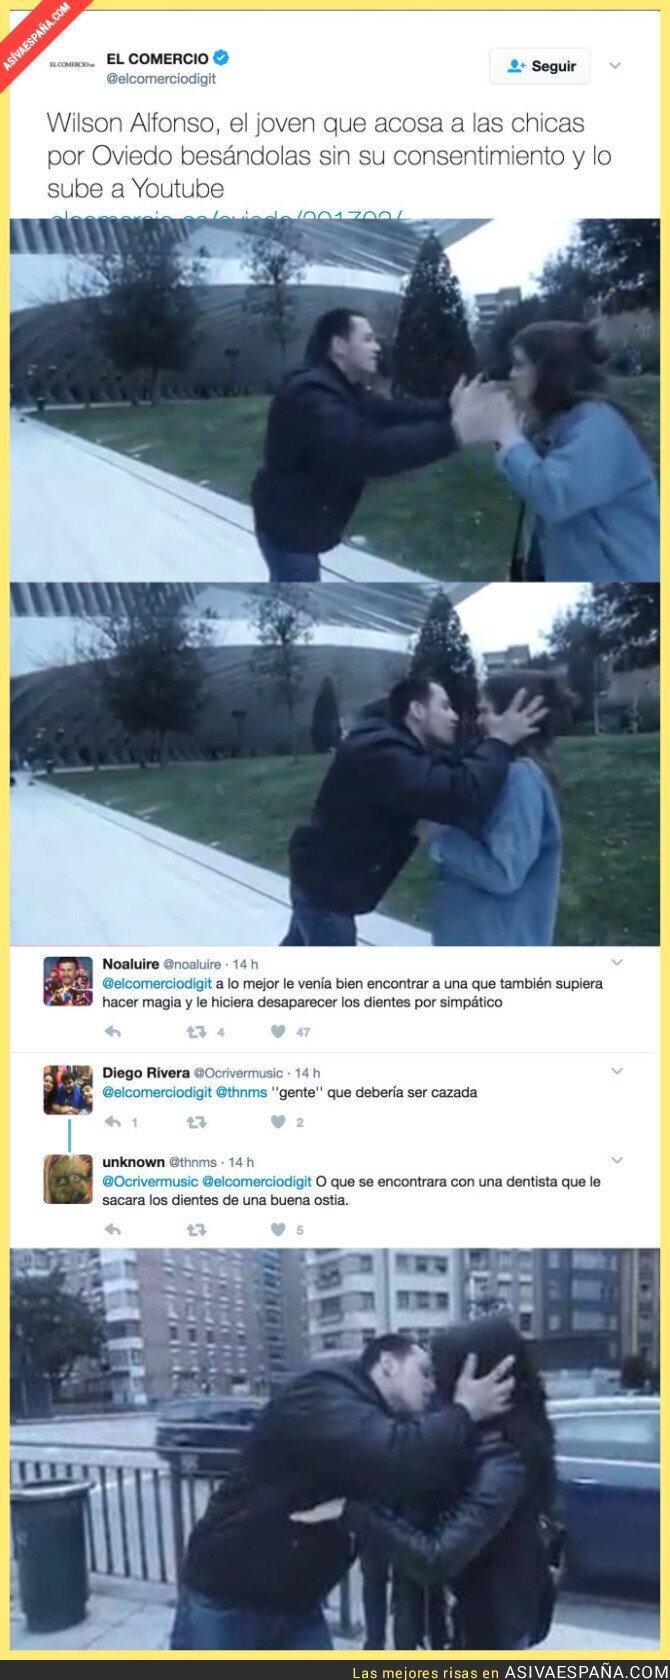 64991 - 'Wilson Alfonso' el youtuber que acosa a mujeres en las calles de Oviedo besándolas a la fuerza